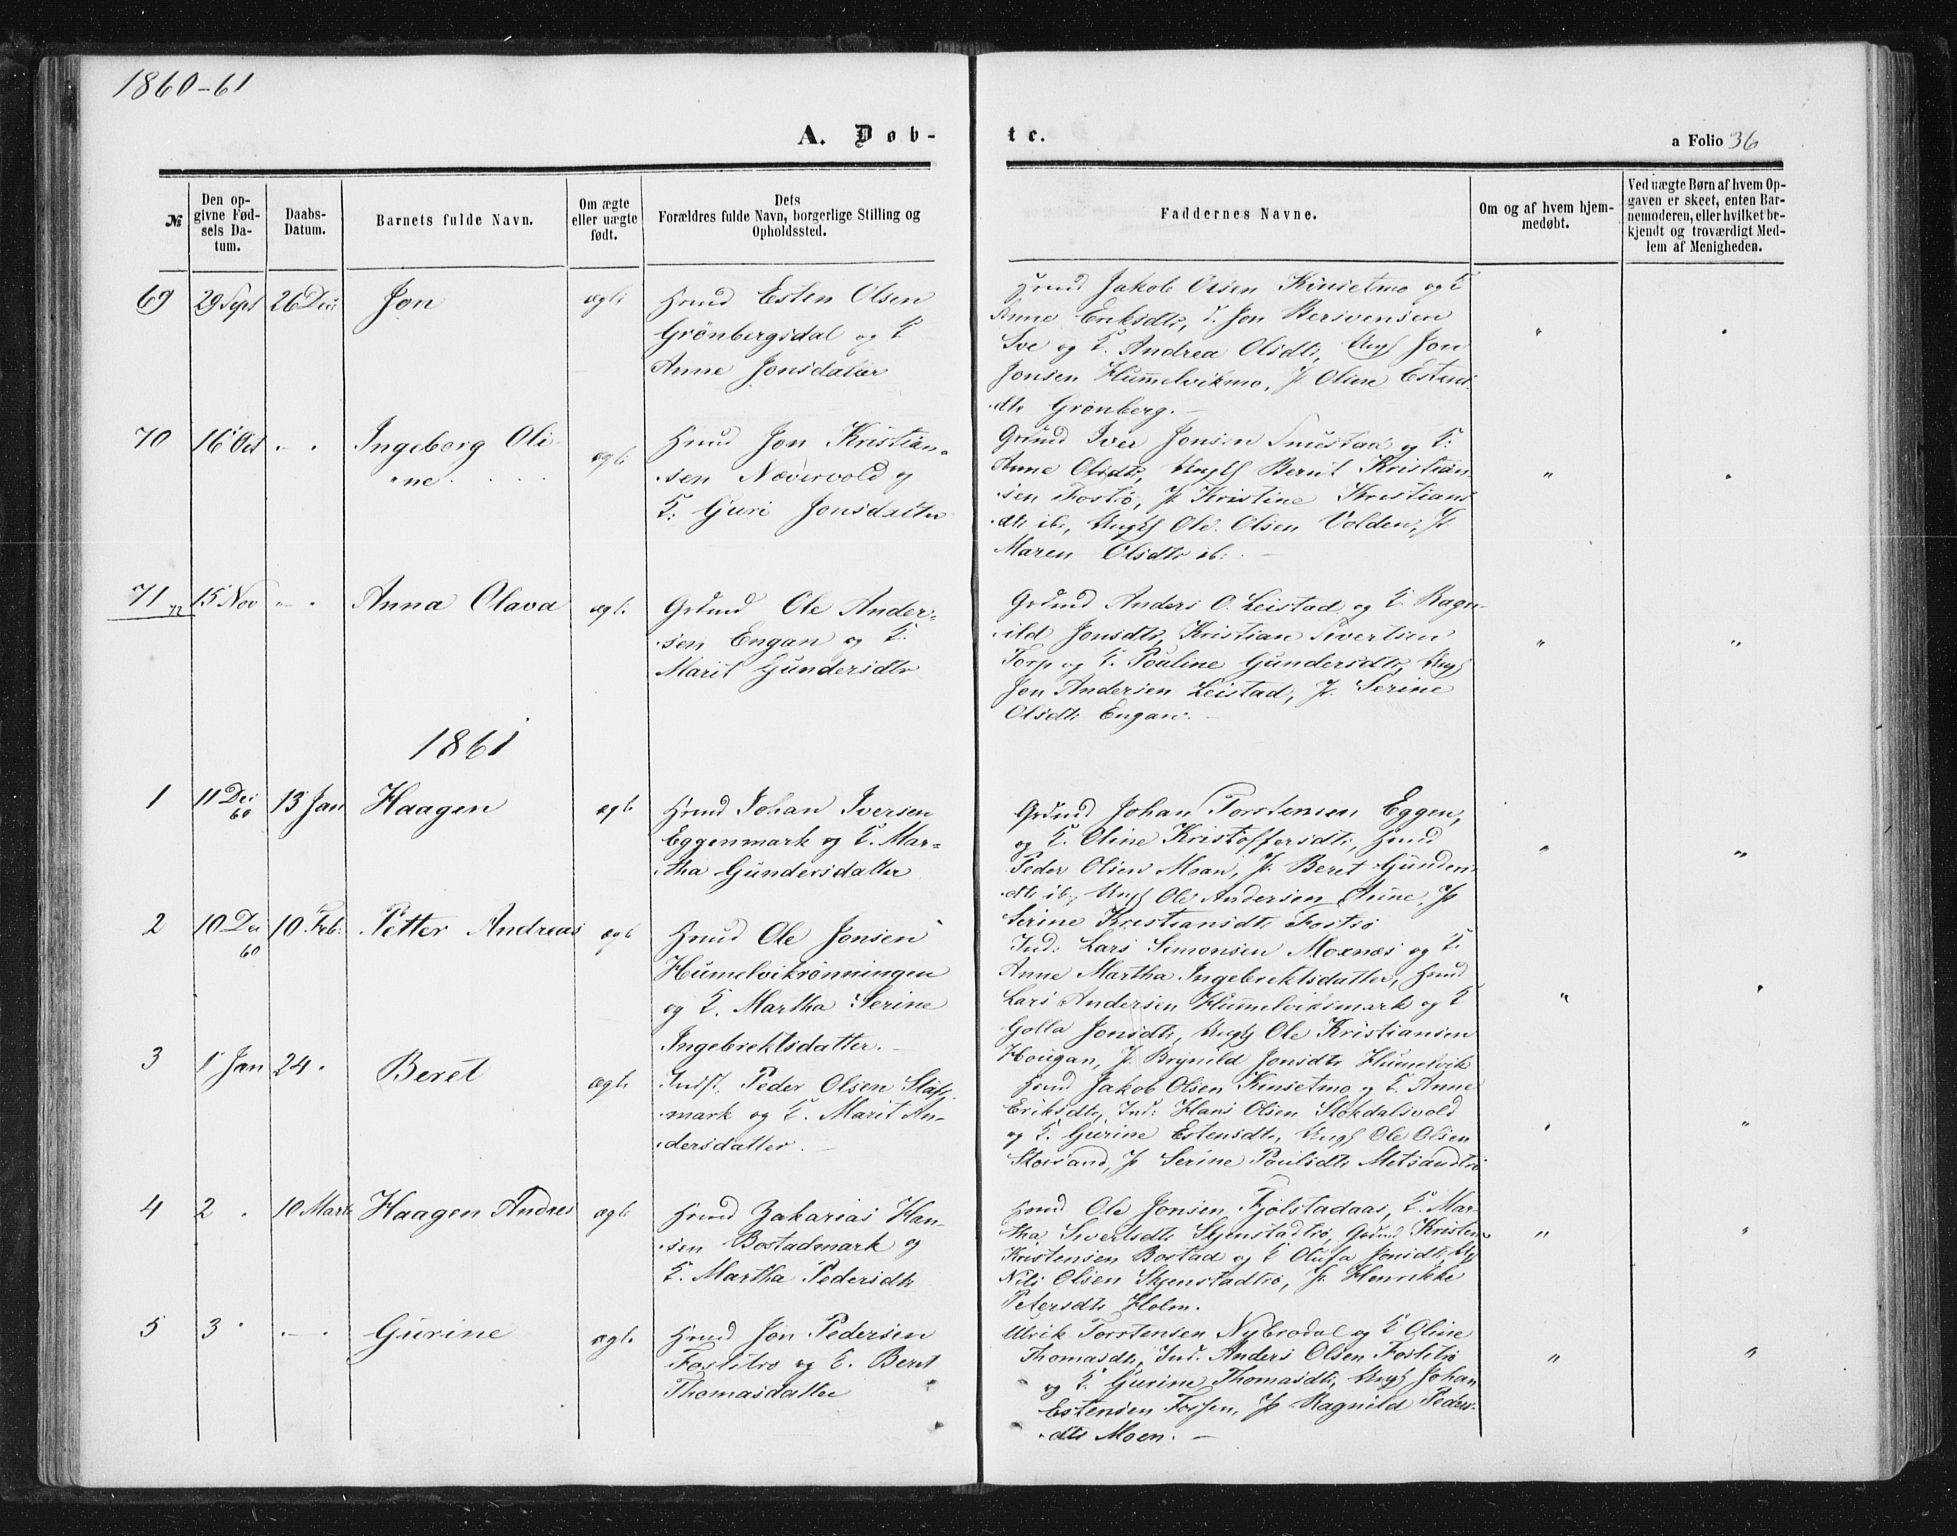 SAT, Ministerialprotokoller, klokkerbøker og fødselsregistre - Sør-Trøndelag, 616/L0408: Ministerialbok nr. 616A05, 1857-1865, s. 36